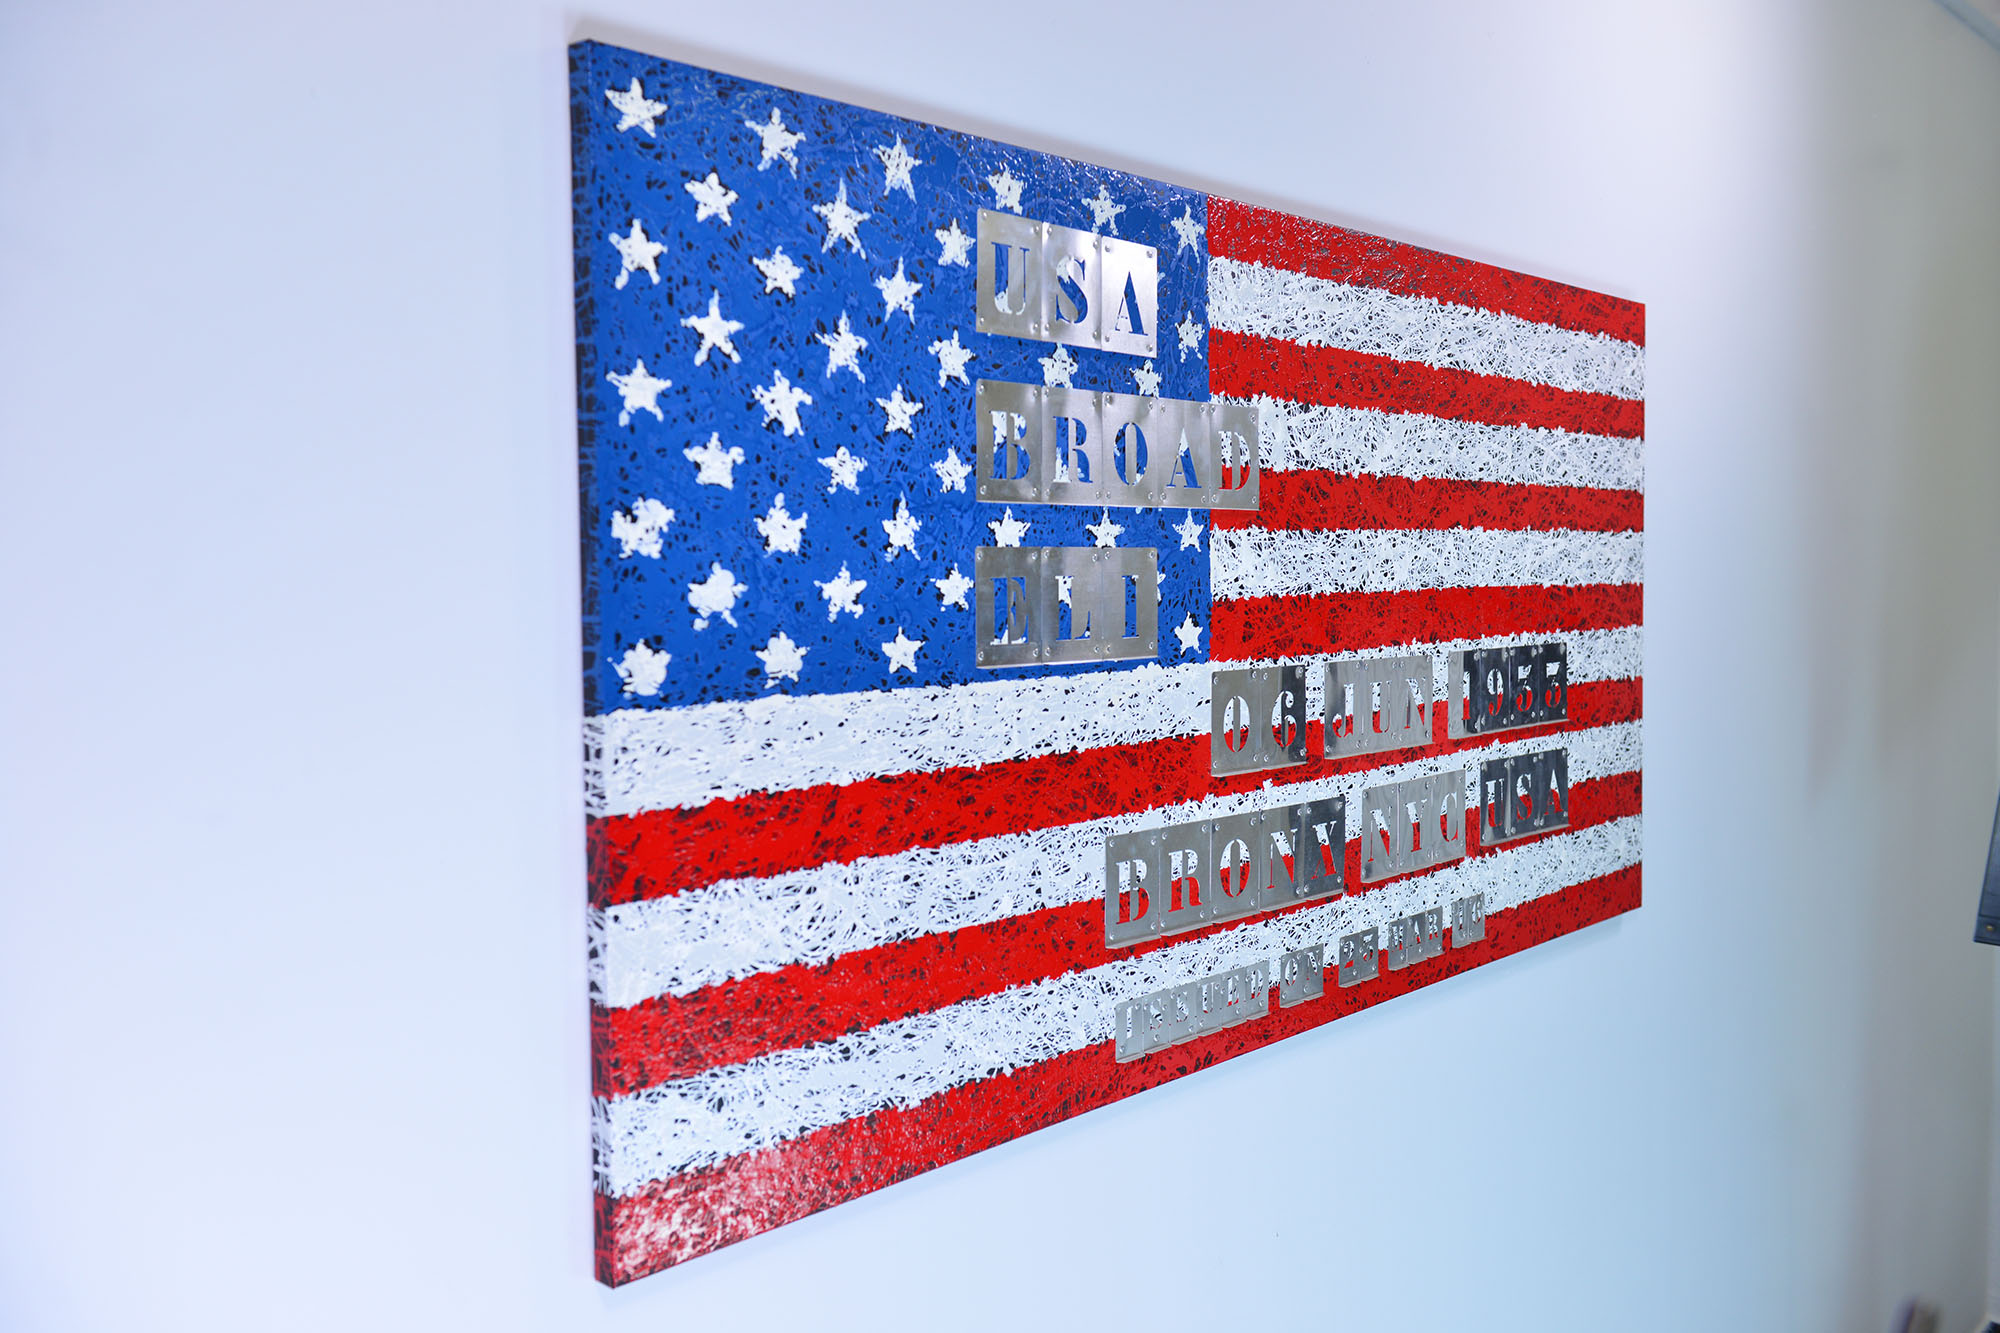 #148_US ID's ELI BROAD